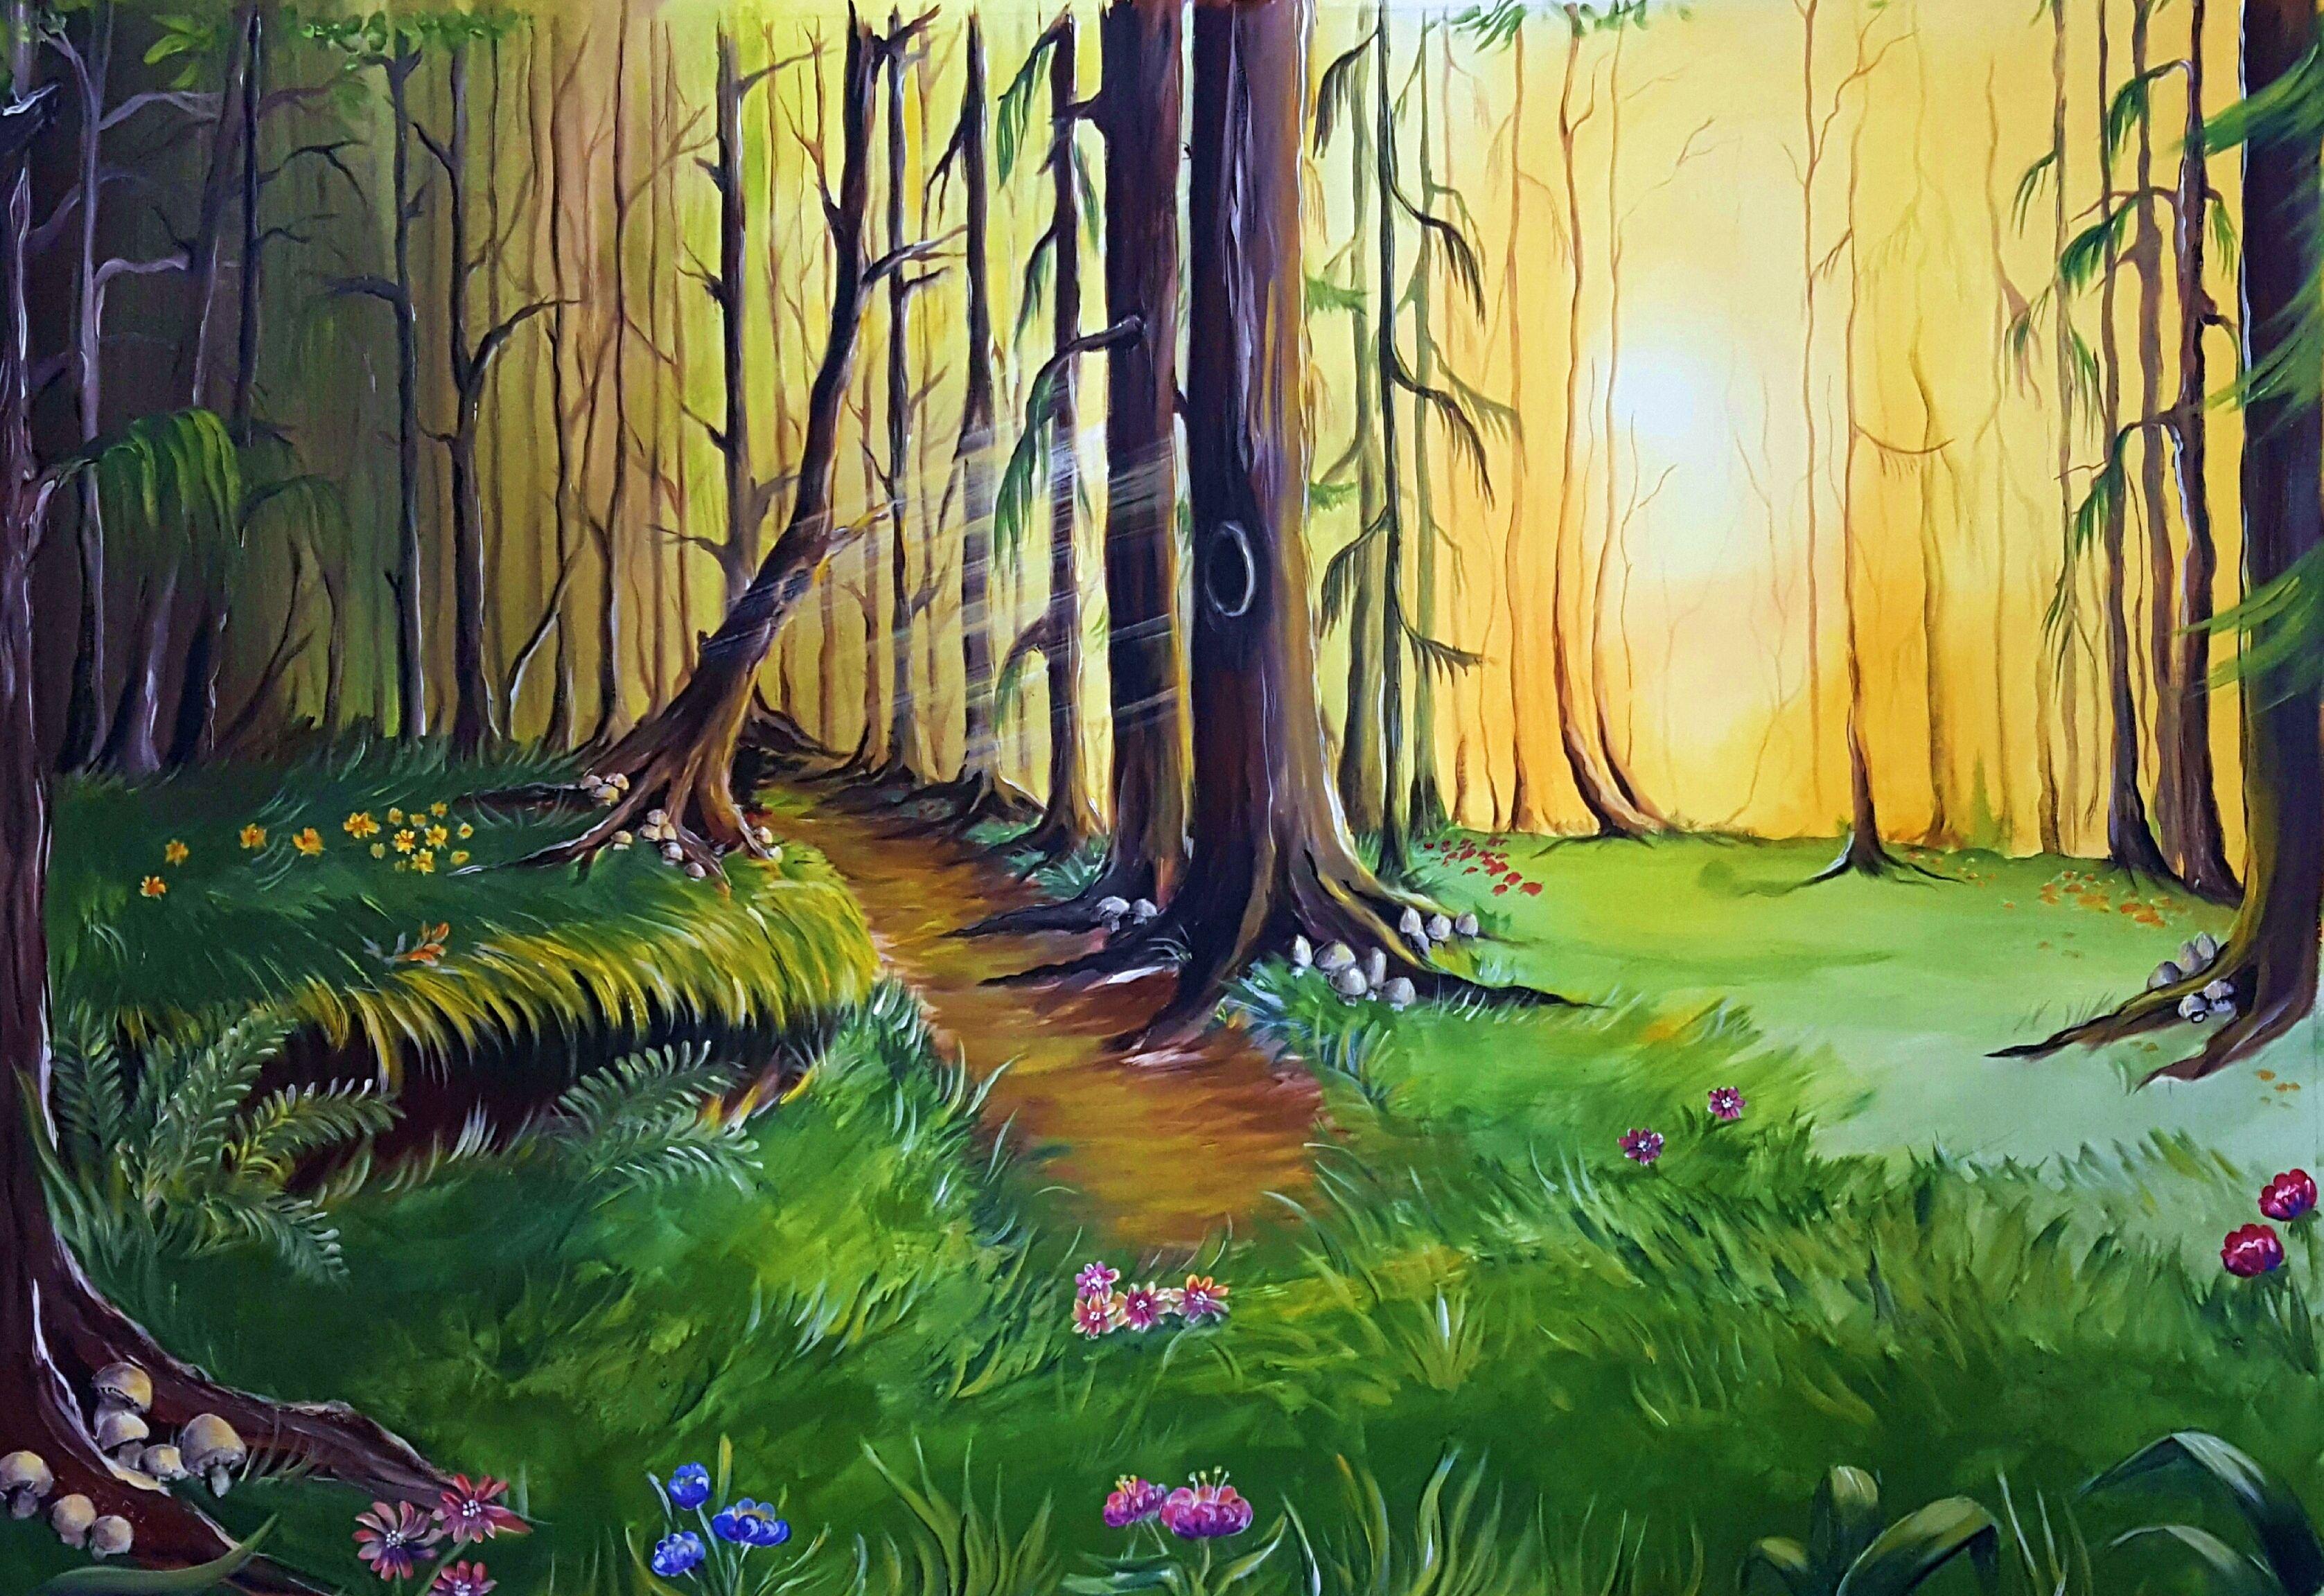 M rchenwald kulisse gemalt auf leinwand rotk ppchen malerei wohnart maria keufen www - Leinwand malerei ...